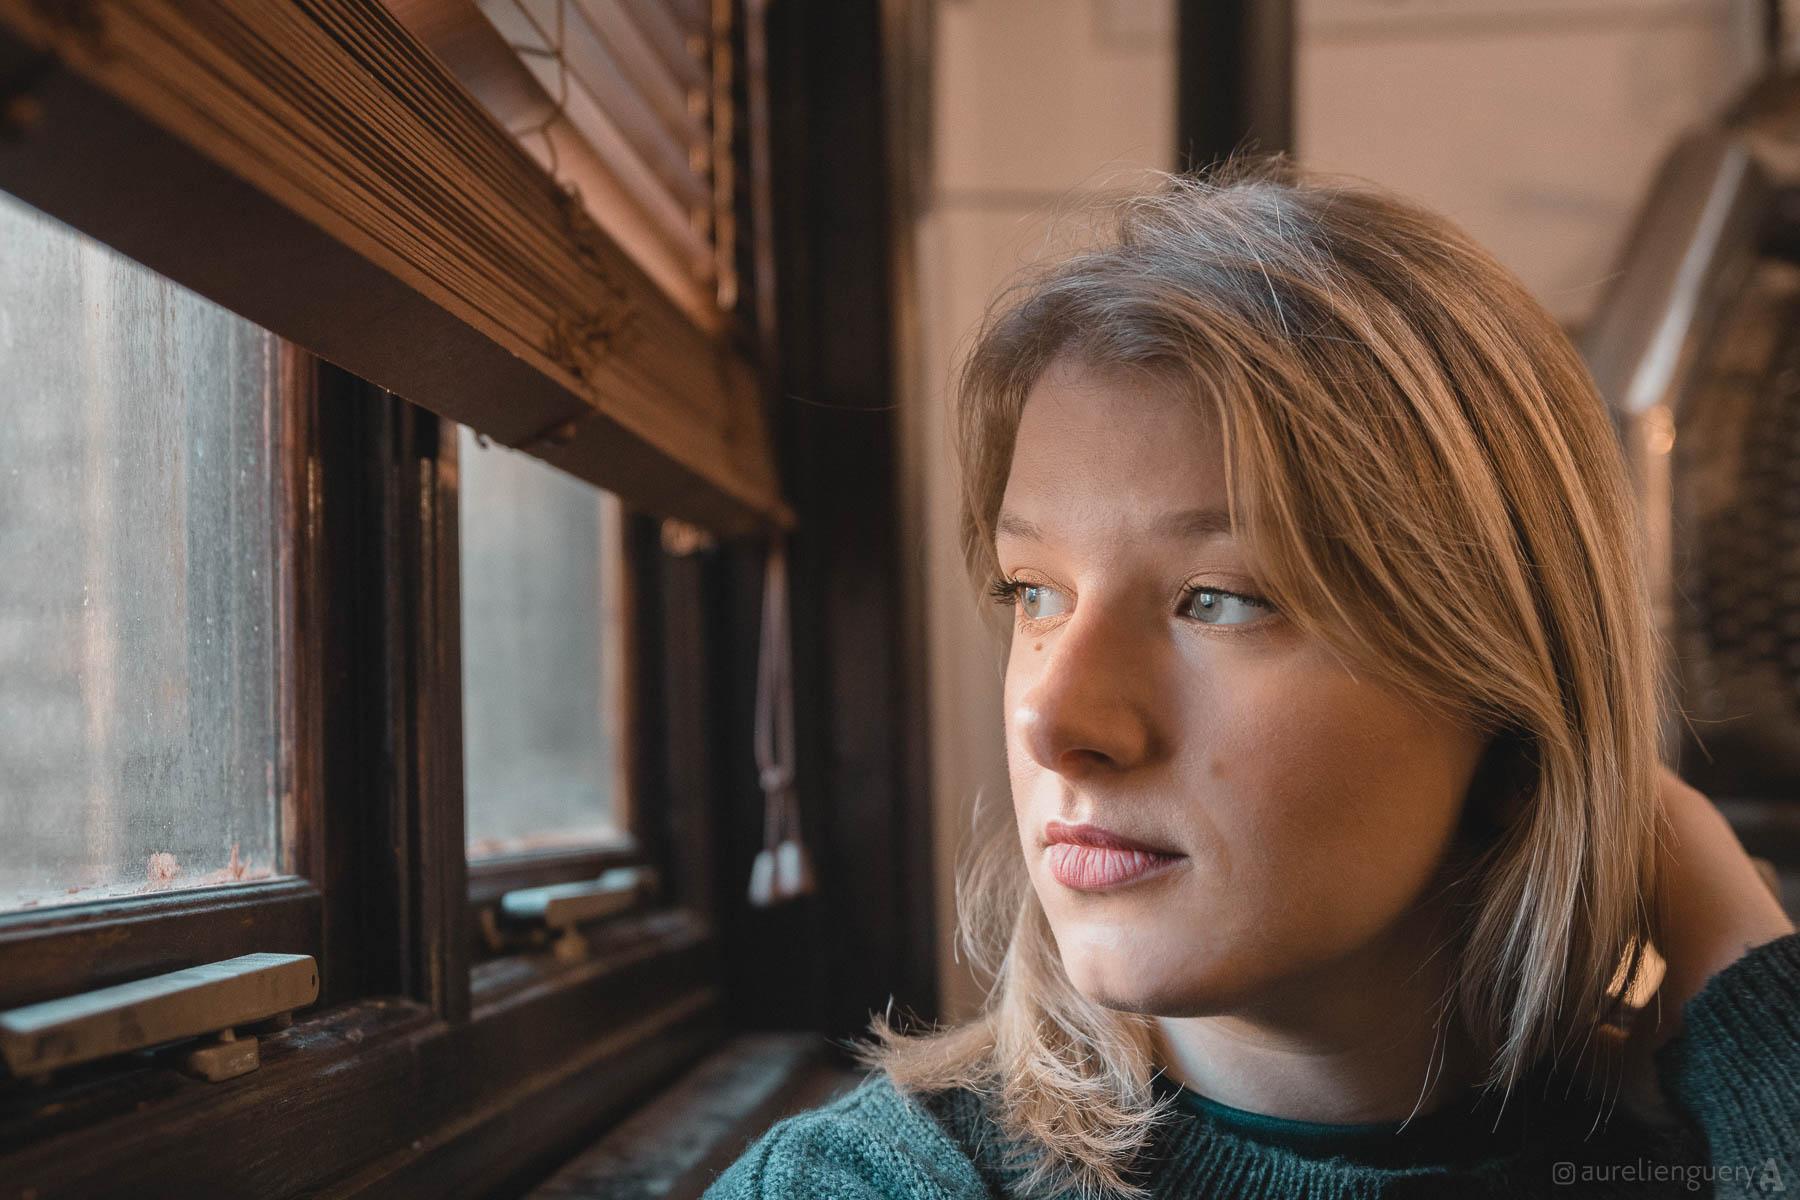 Deborah_S_Portrait_By_Aurelien_Guery.jpg